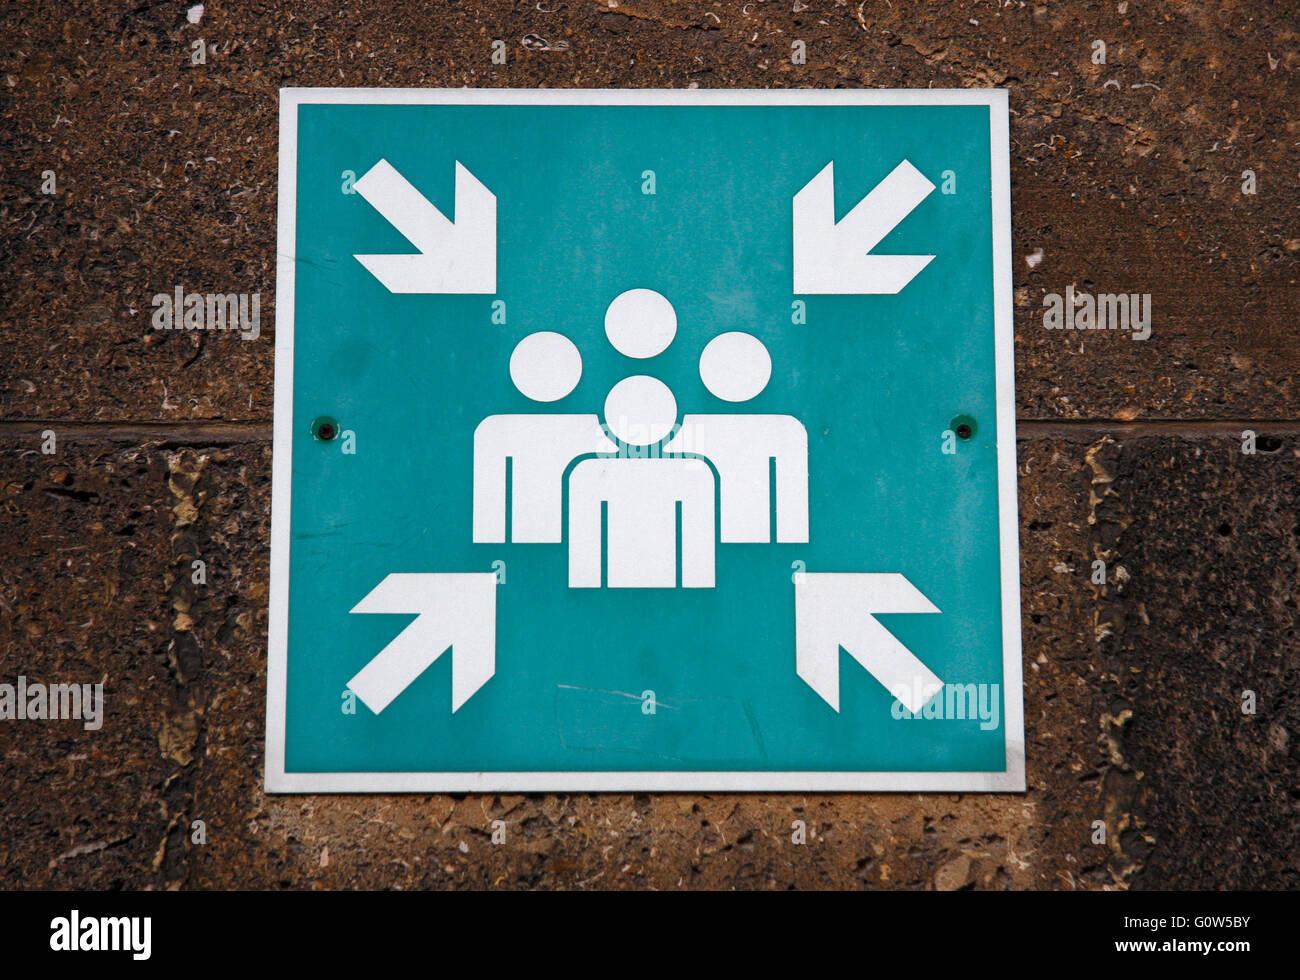 verwirrendes Schild. - Stock Image